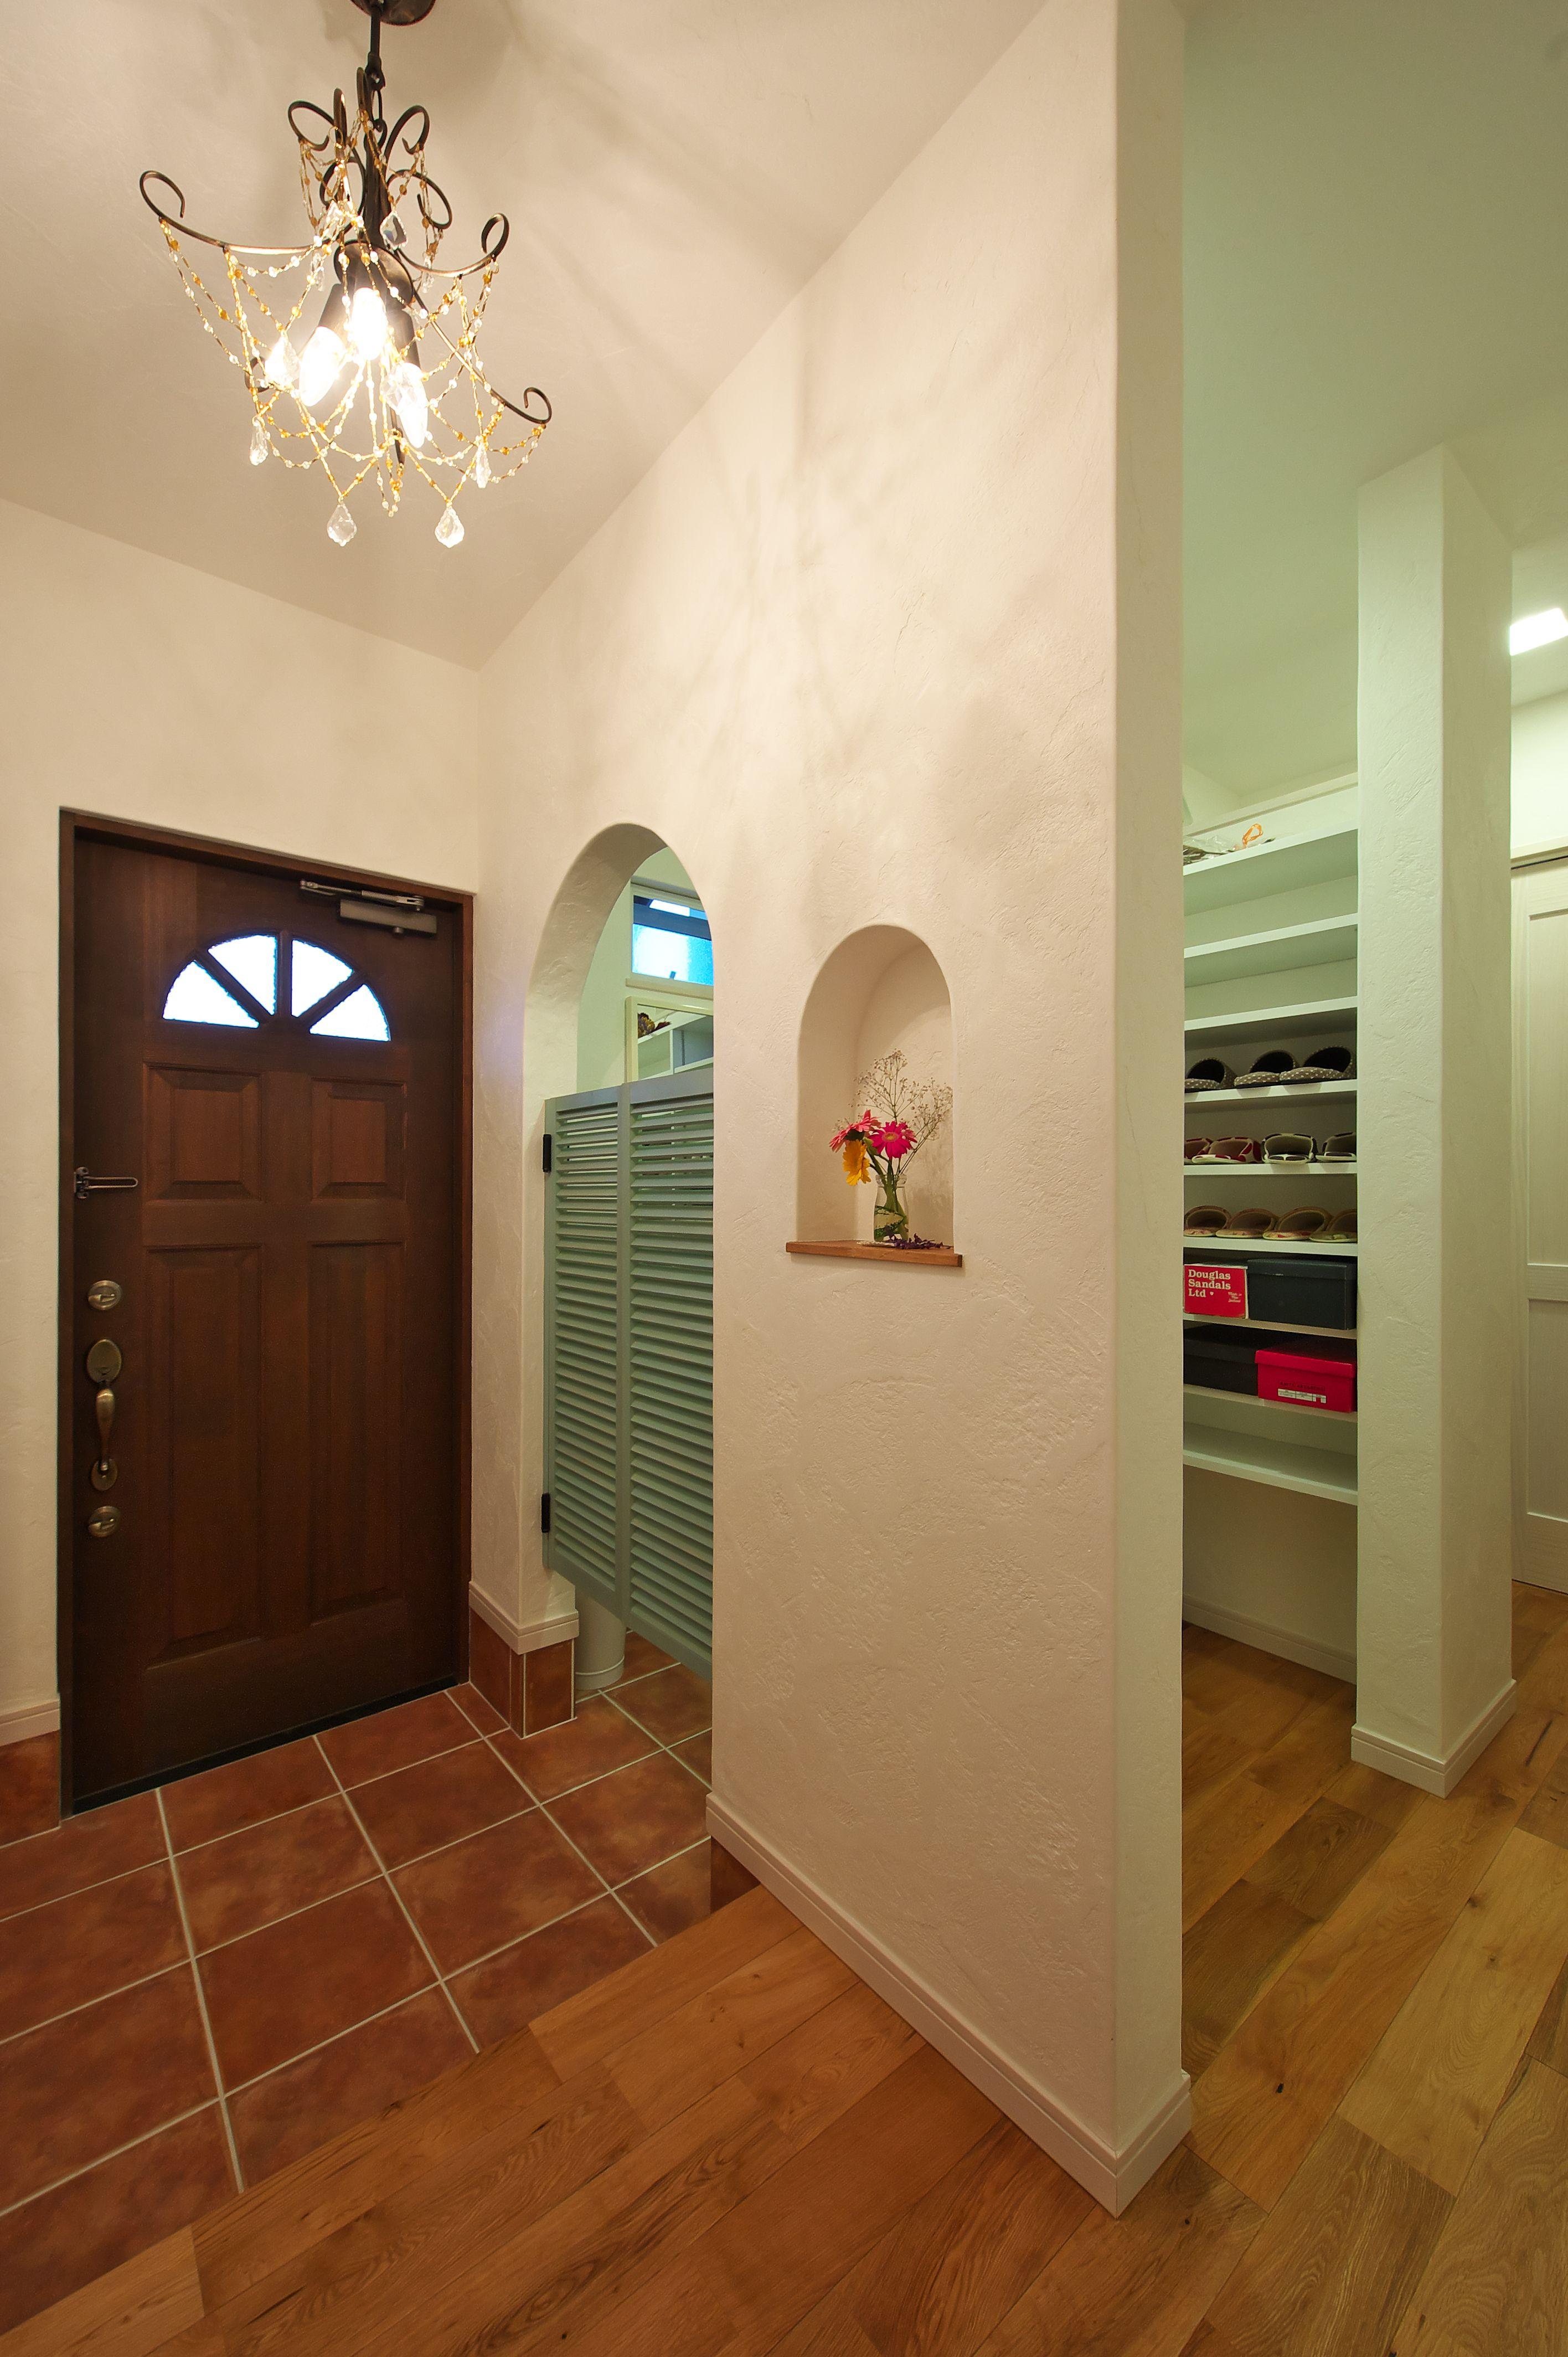 ケース98木製の玄関ドアや格子に緑が映える 大人かわいいお家 玄関